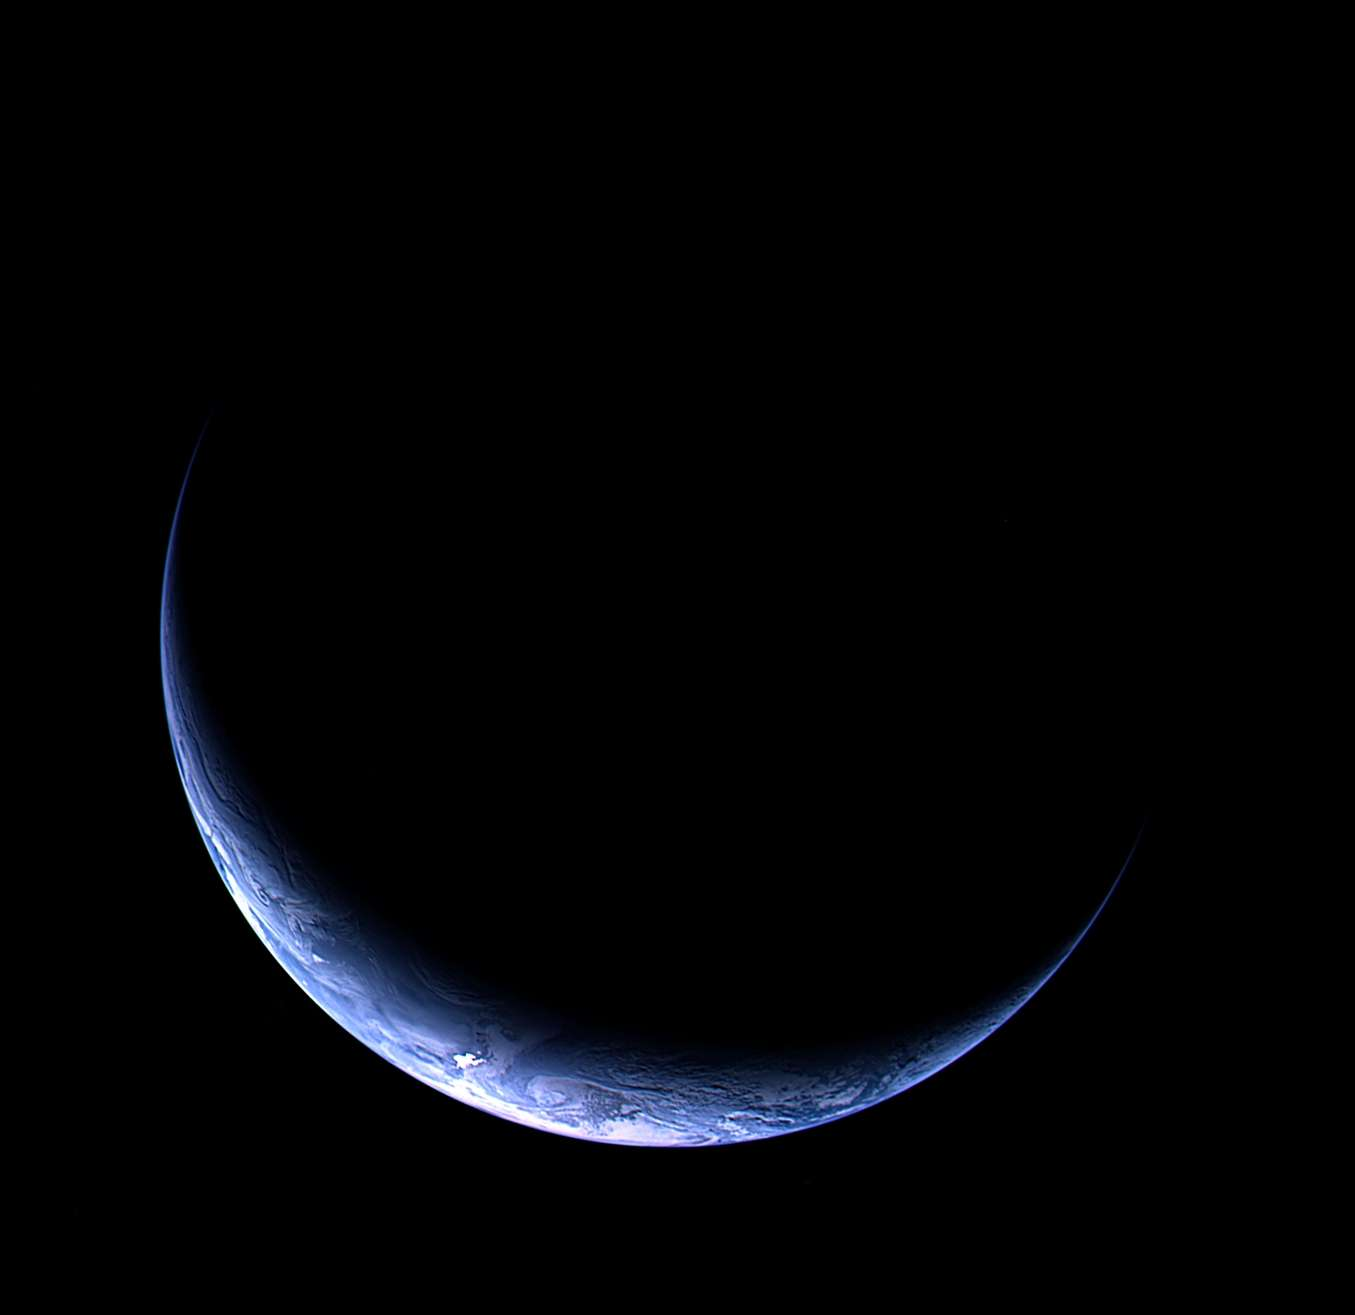 La beauté du croissant de Terre saisi par la sonde Rosetta. © ESA 2009 MPS pour OSIRIS Team MPS / UPD / LAM / IAA / RSSD / INTA / UPM / DASP / IDA